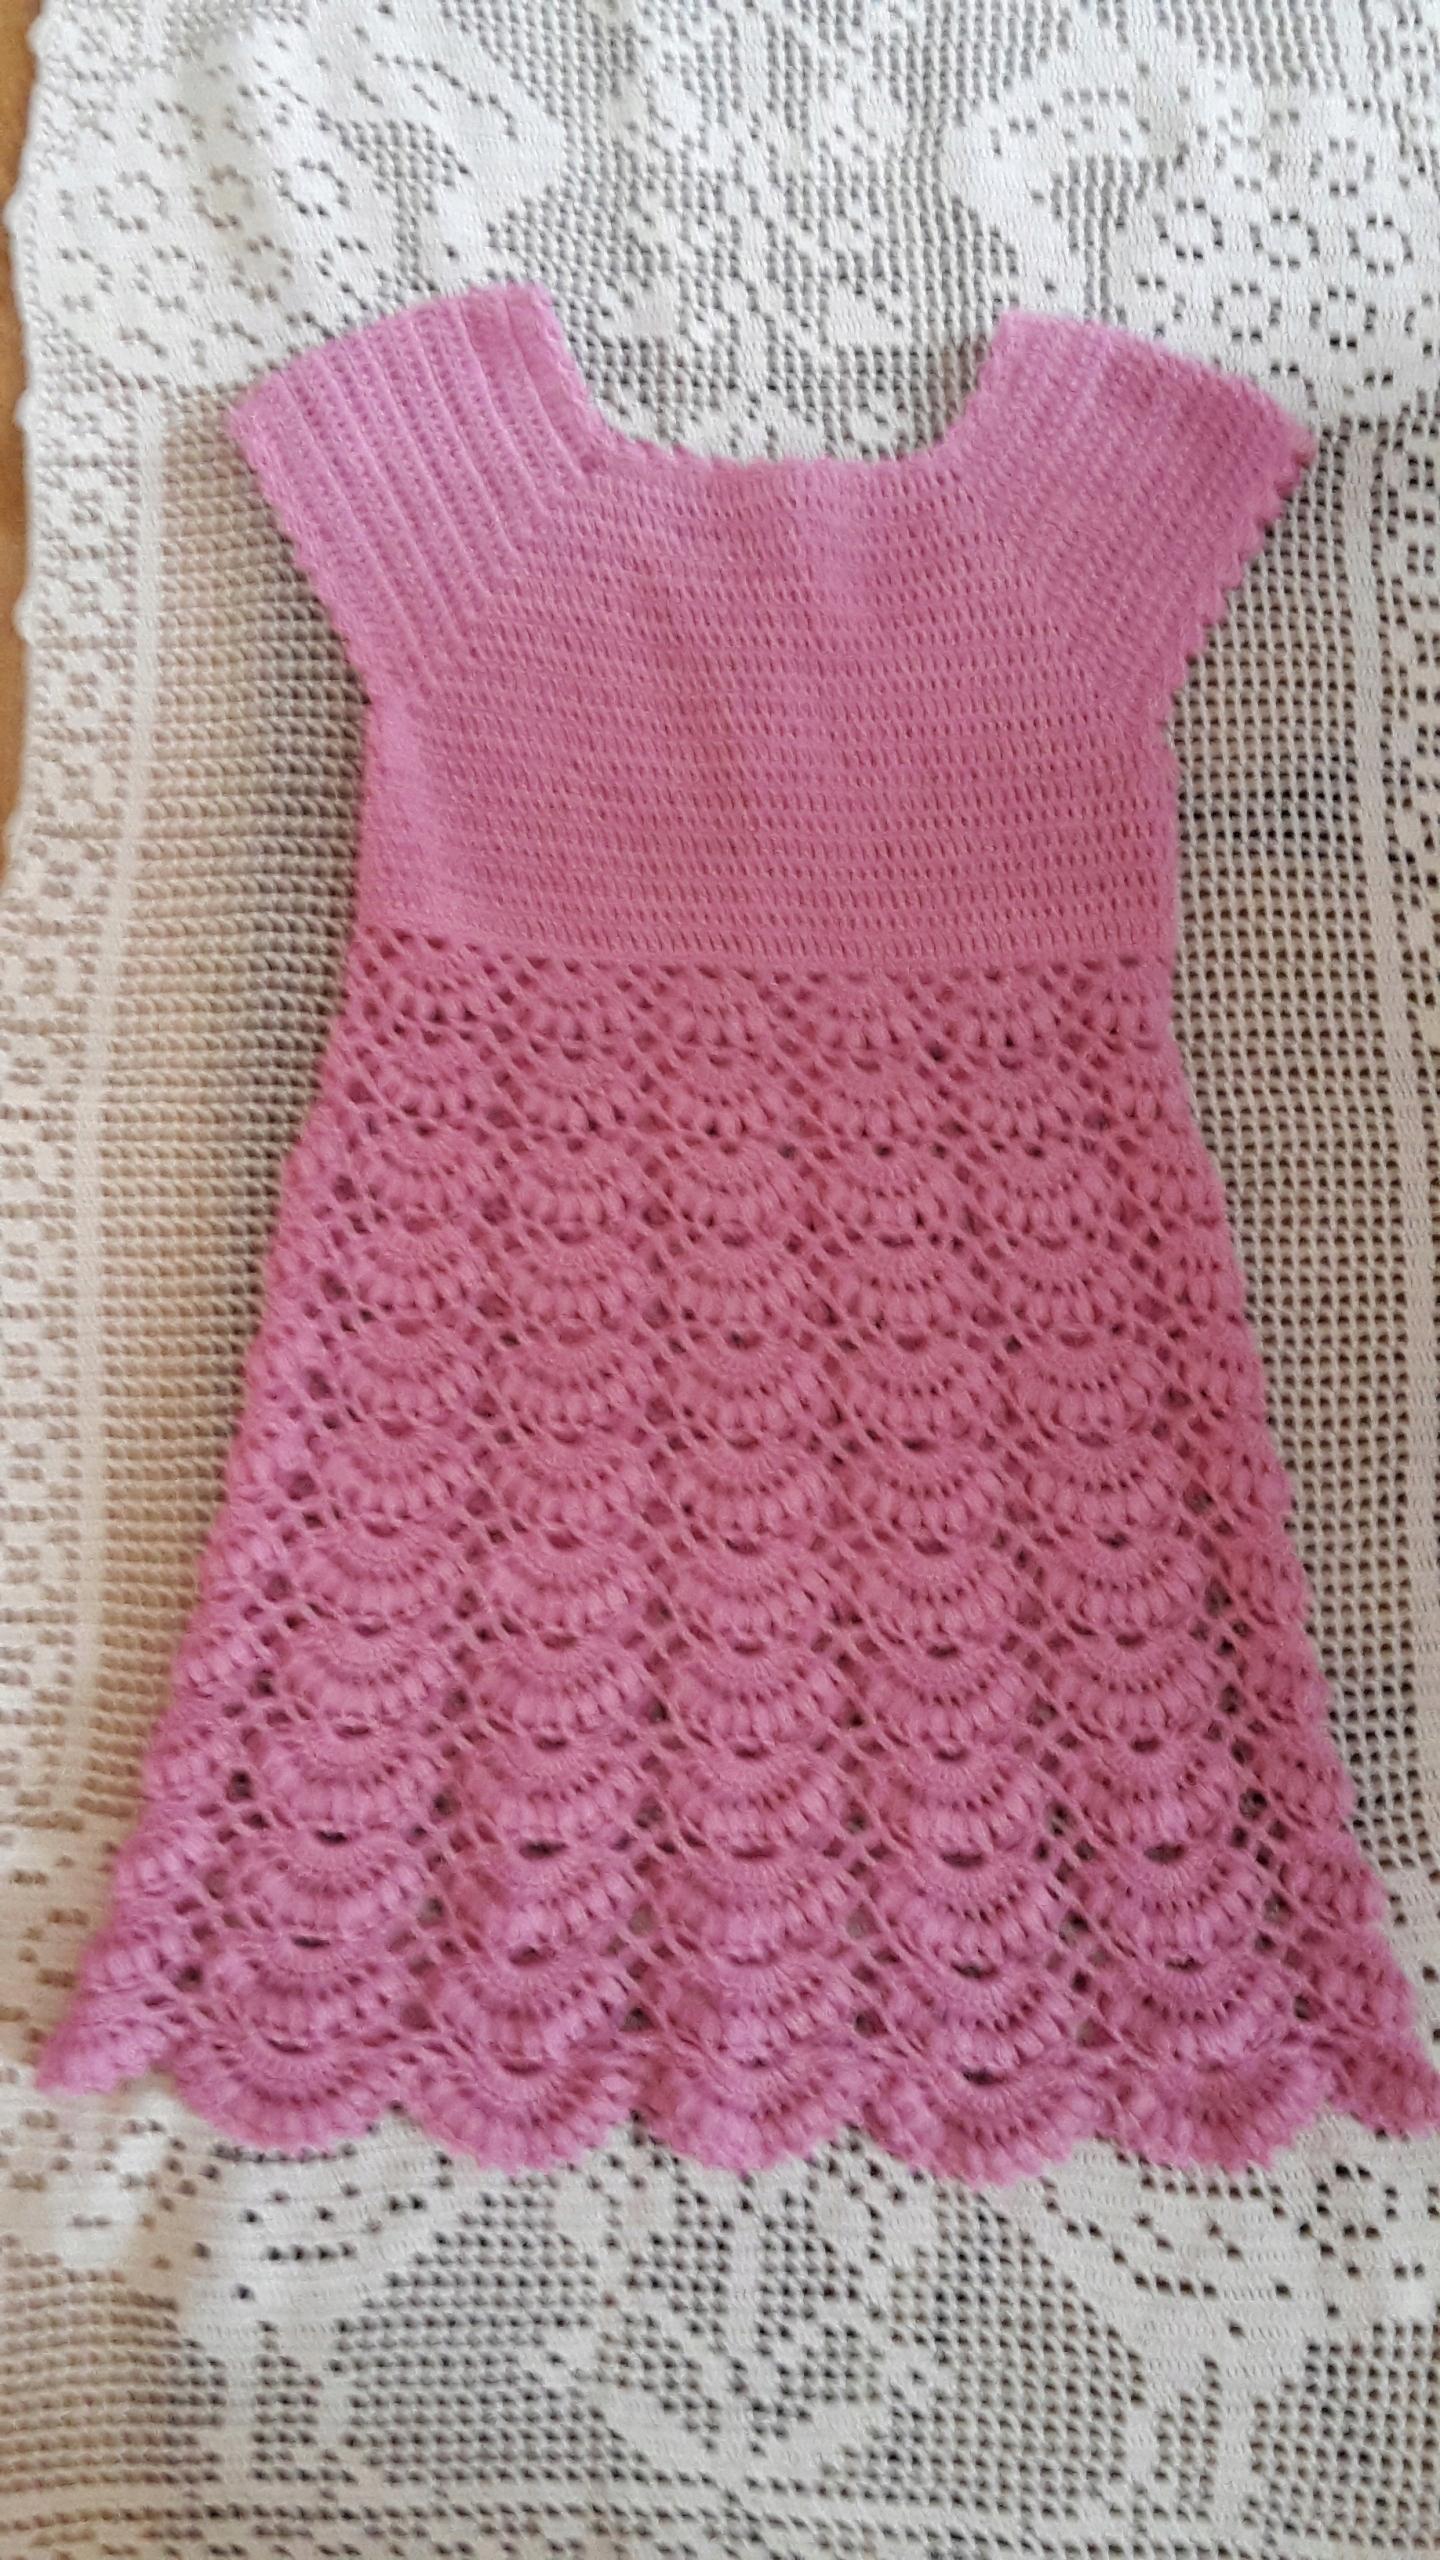 cb23e0bd39 Różowa szydełkowa sukienka dla dziewczynki. - 7559046833 - oficjalne ...